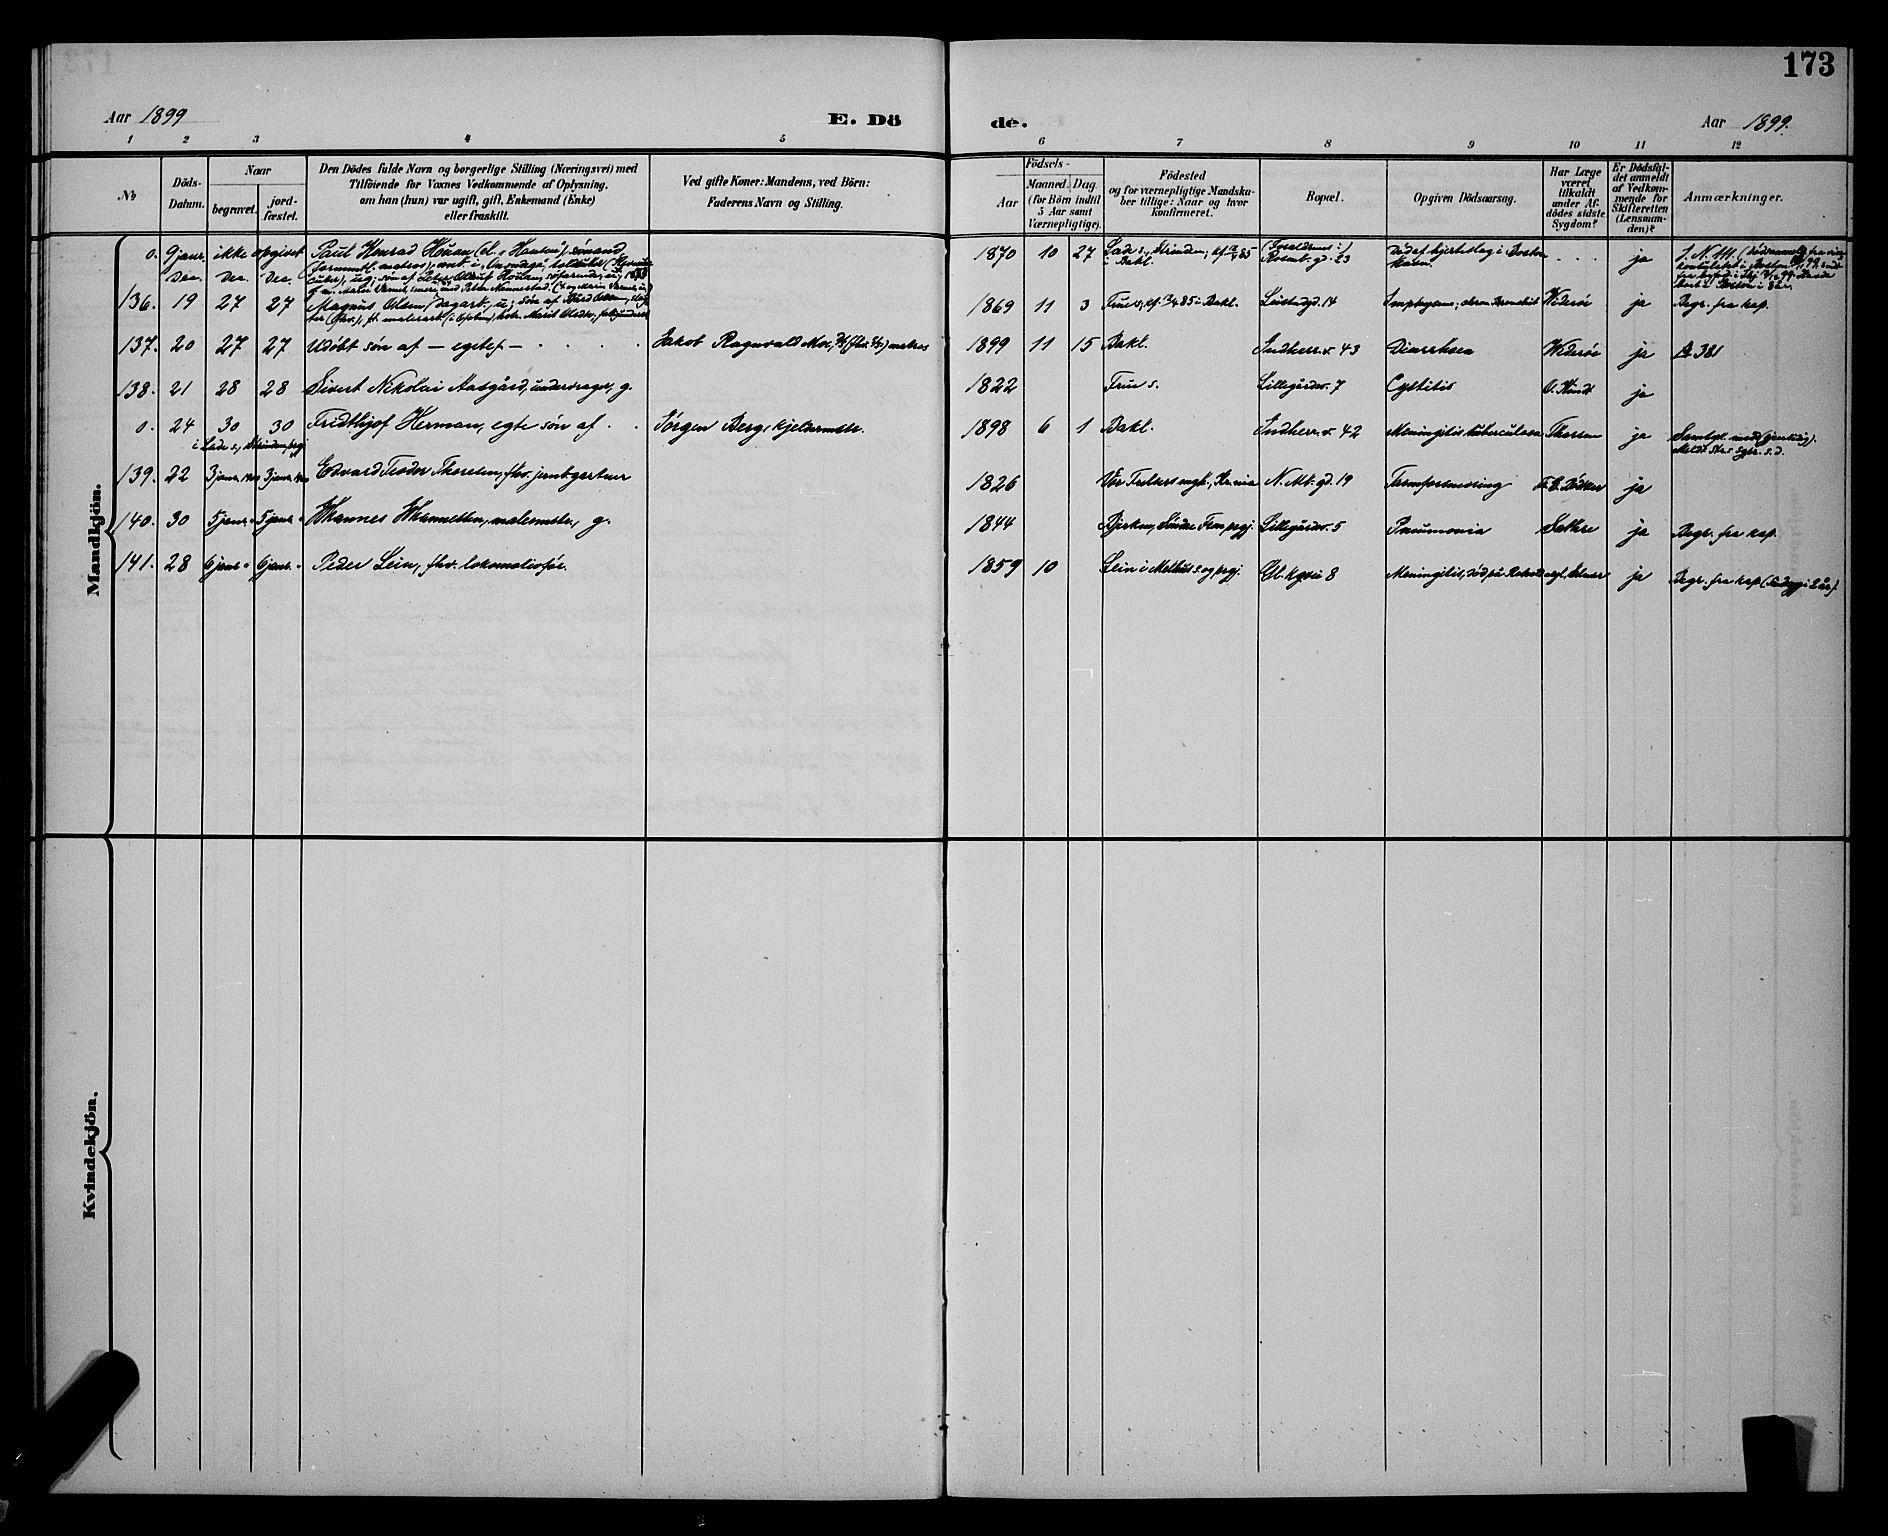 SAT, Ministerialprotokoller, klokkerbøker og fødselsregistre - Sør-Trøndelag, 604/L0226: Klokkerbok nr. 604C09, 1897-1900, s. 173